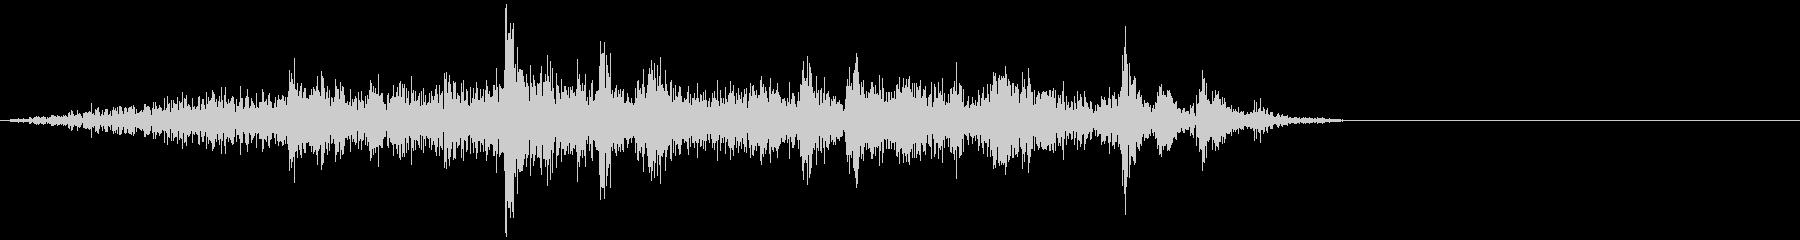 ガヤガヤ、ガチャガチャ 雑多音の未再生の波形